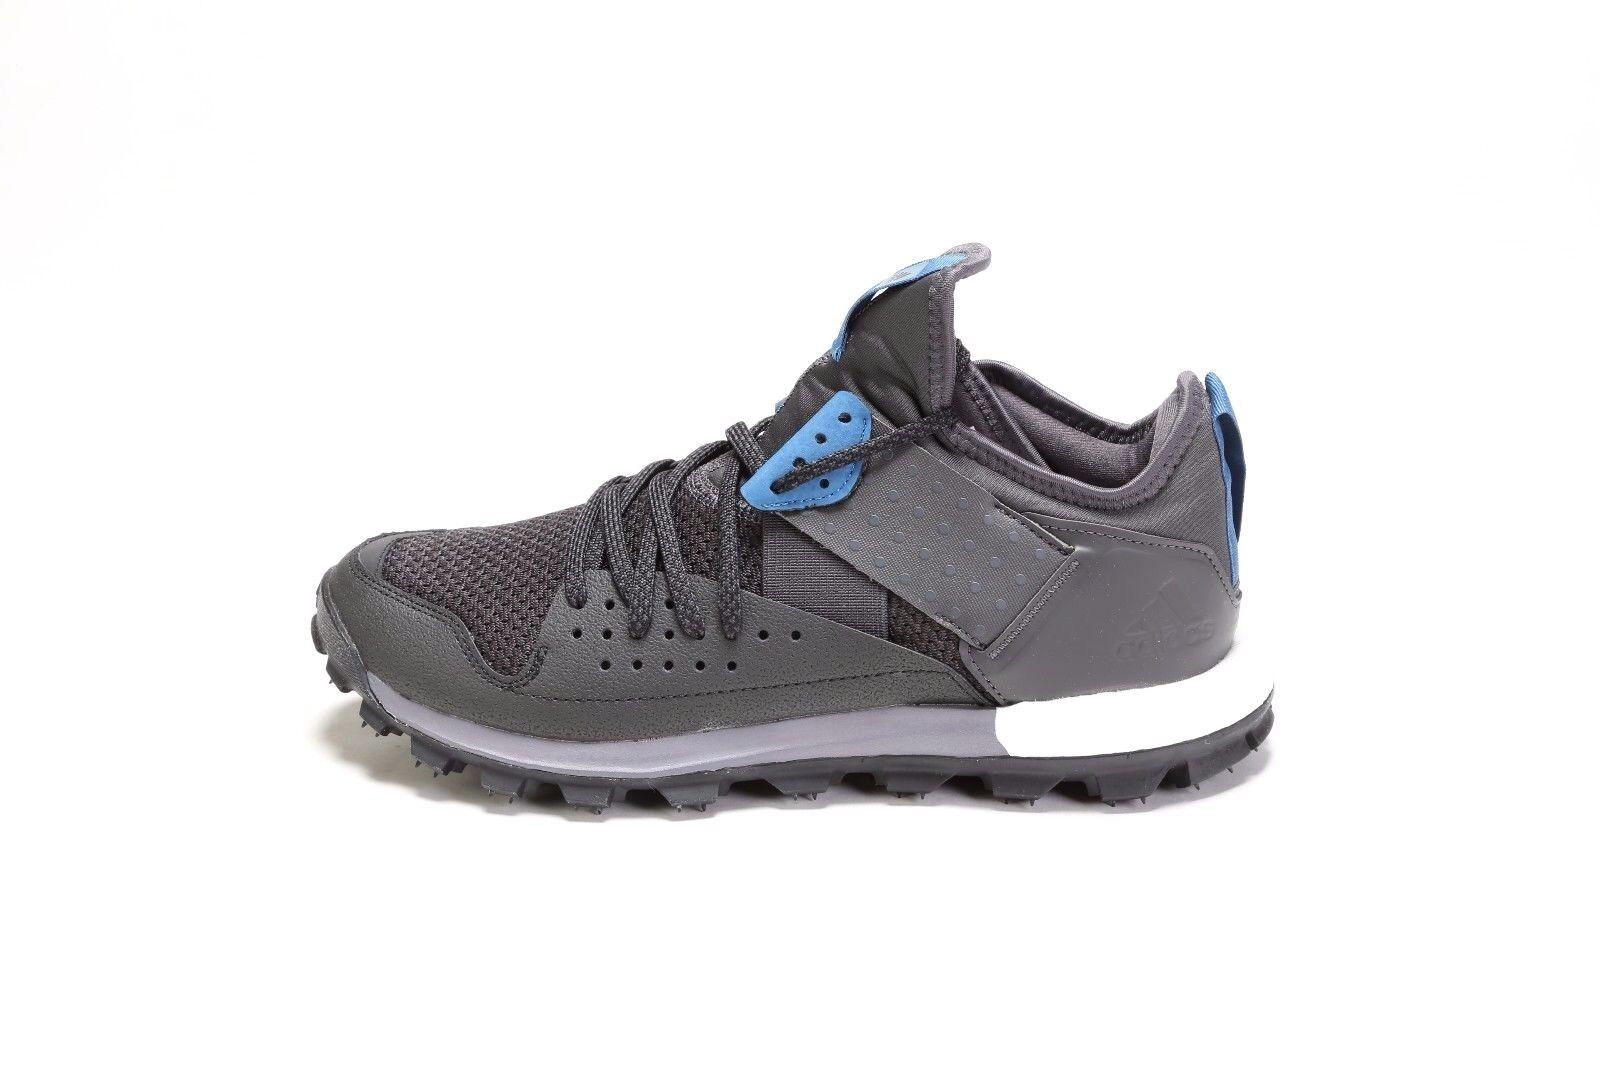 ADIDAS RESPONSE TR BB1659 BLACK/UTILITY BLACK/CORE BLUE